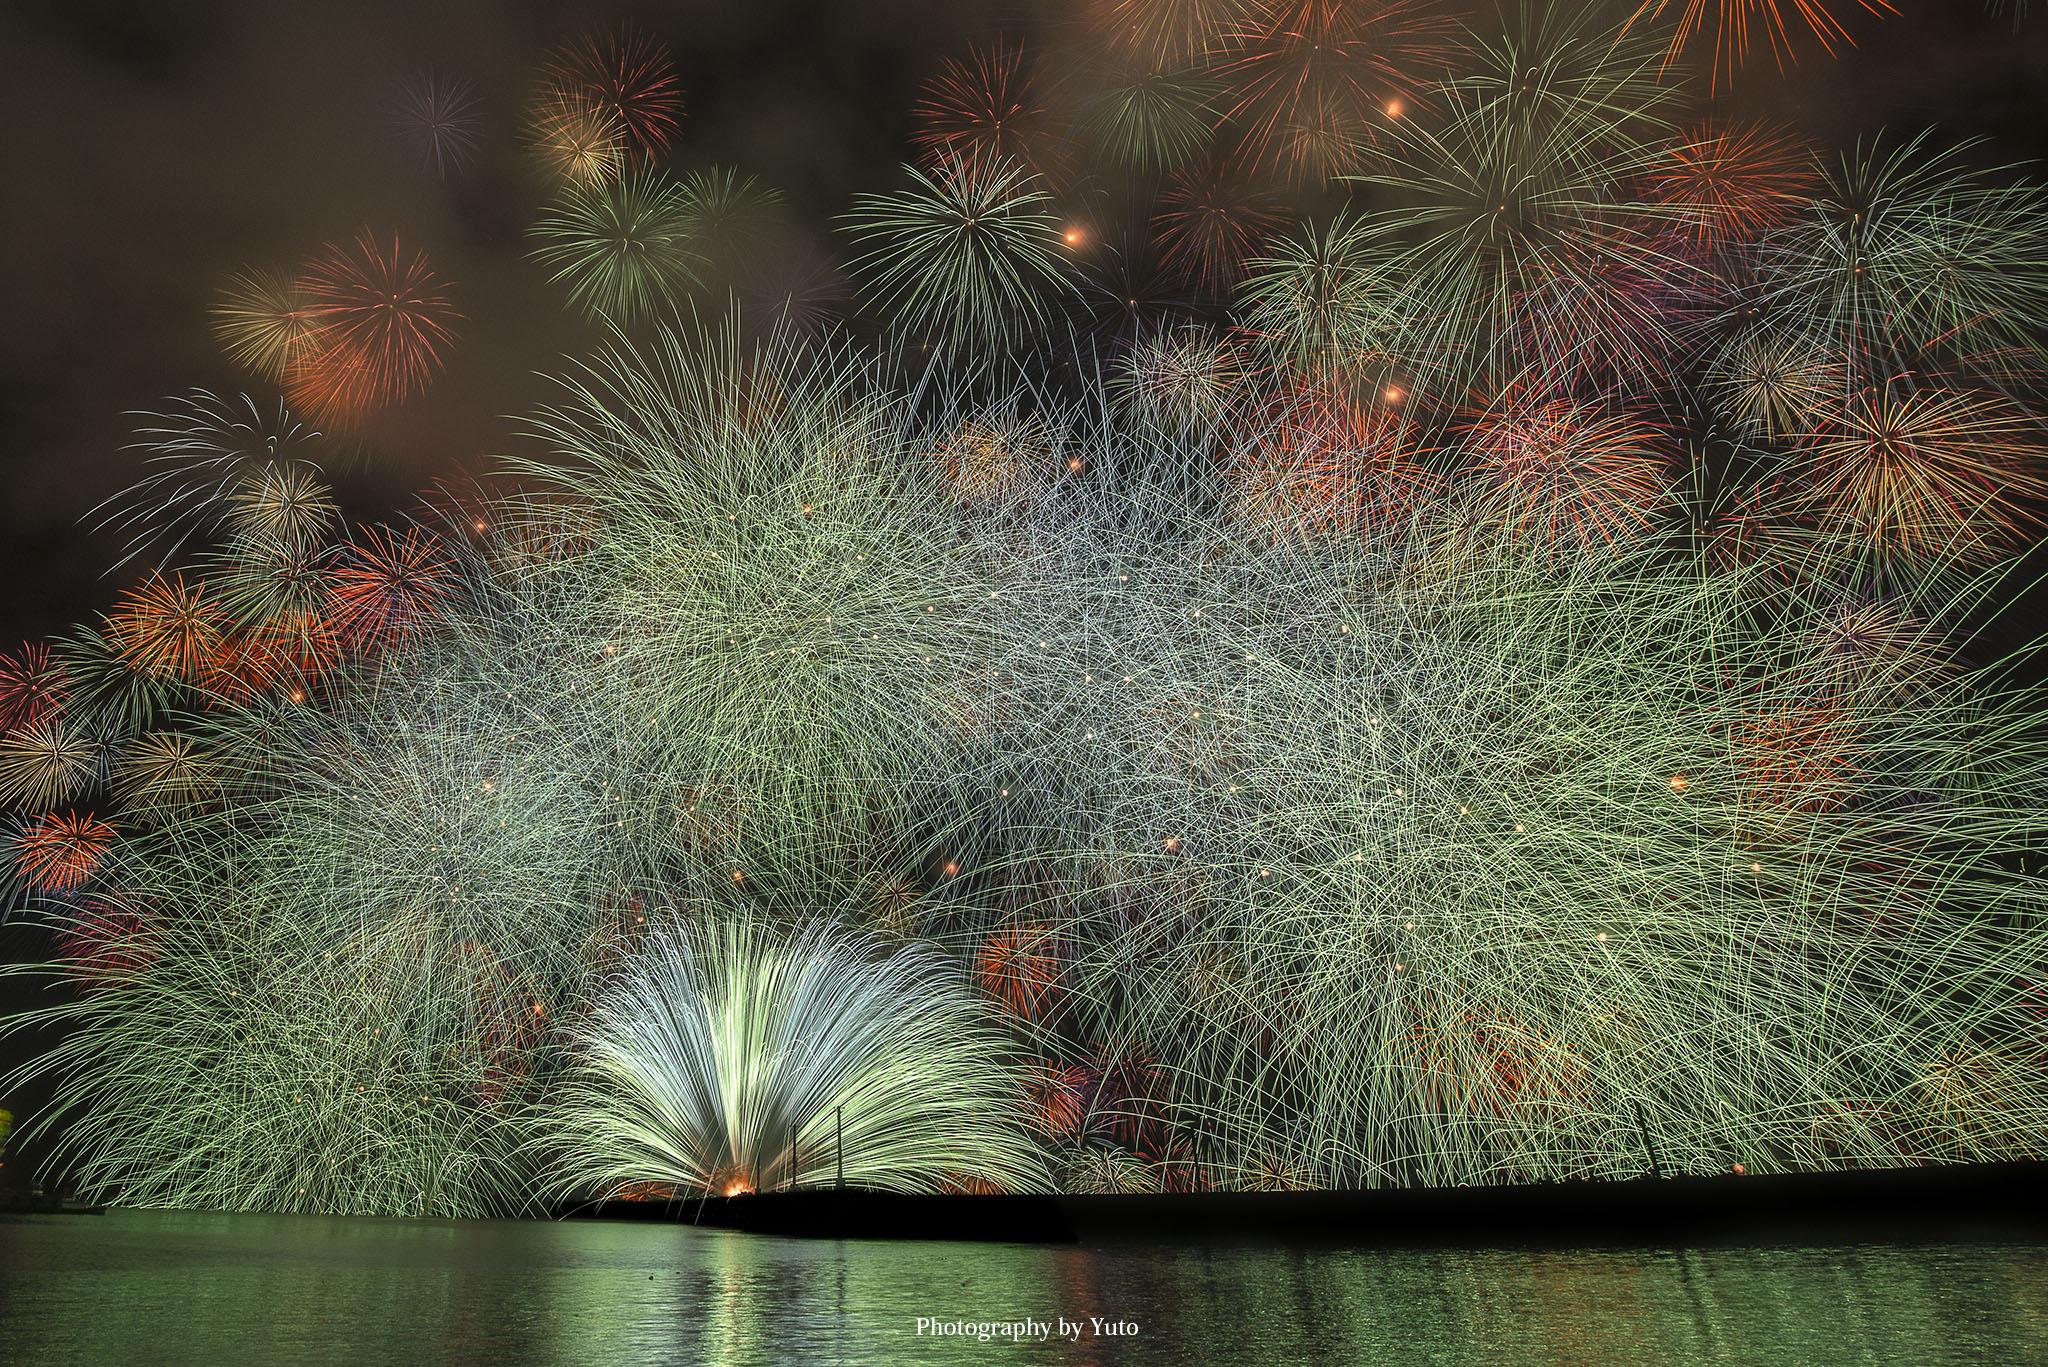 きほく燈籠祭 花火の撮影スポット2箇所・彩色千輪の撮り方